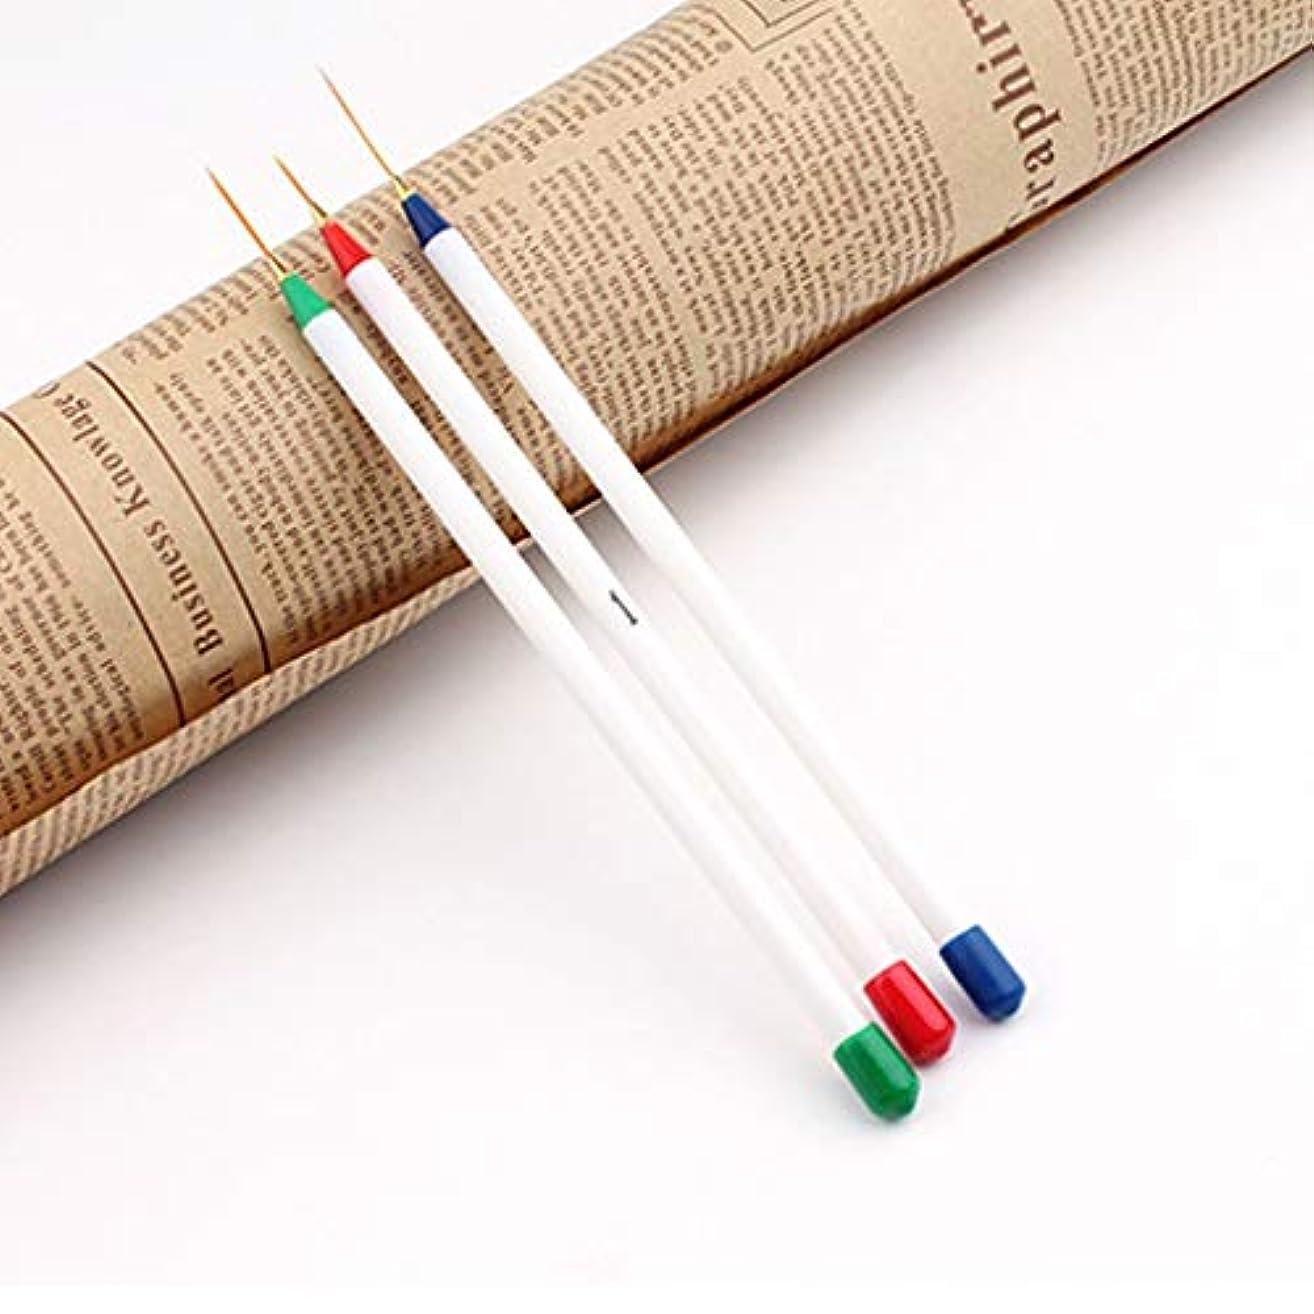 高める不利フレキシブルYan 3ピースネイルdiyデッサン絵画ストライププラスチックプルラインペンスーパーファインブラシキットツール